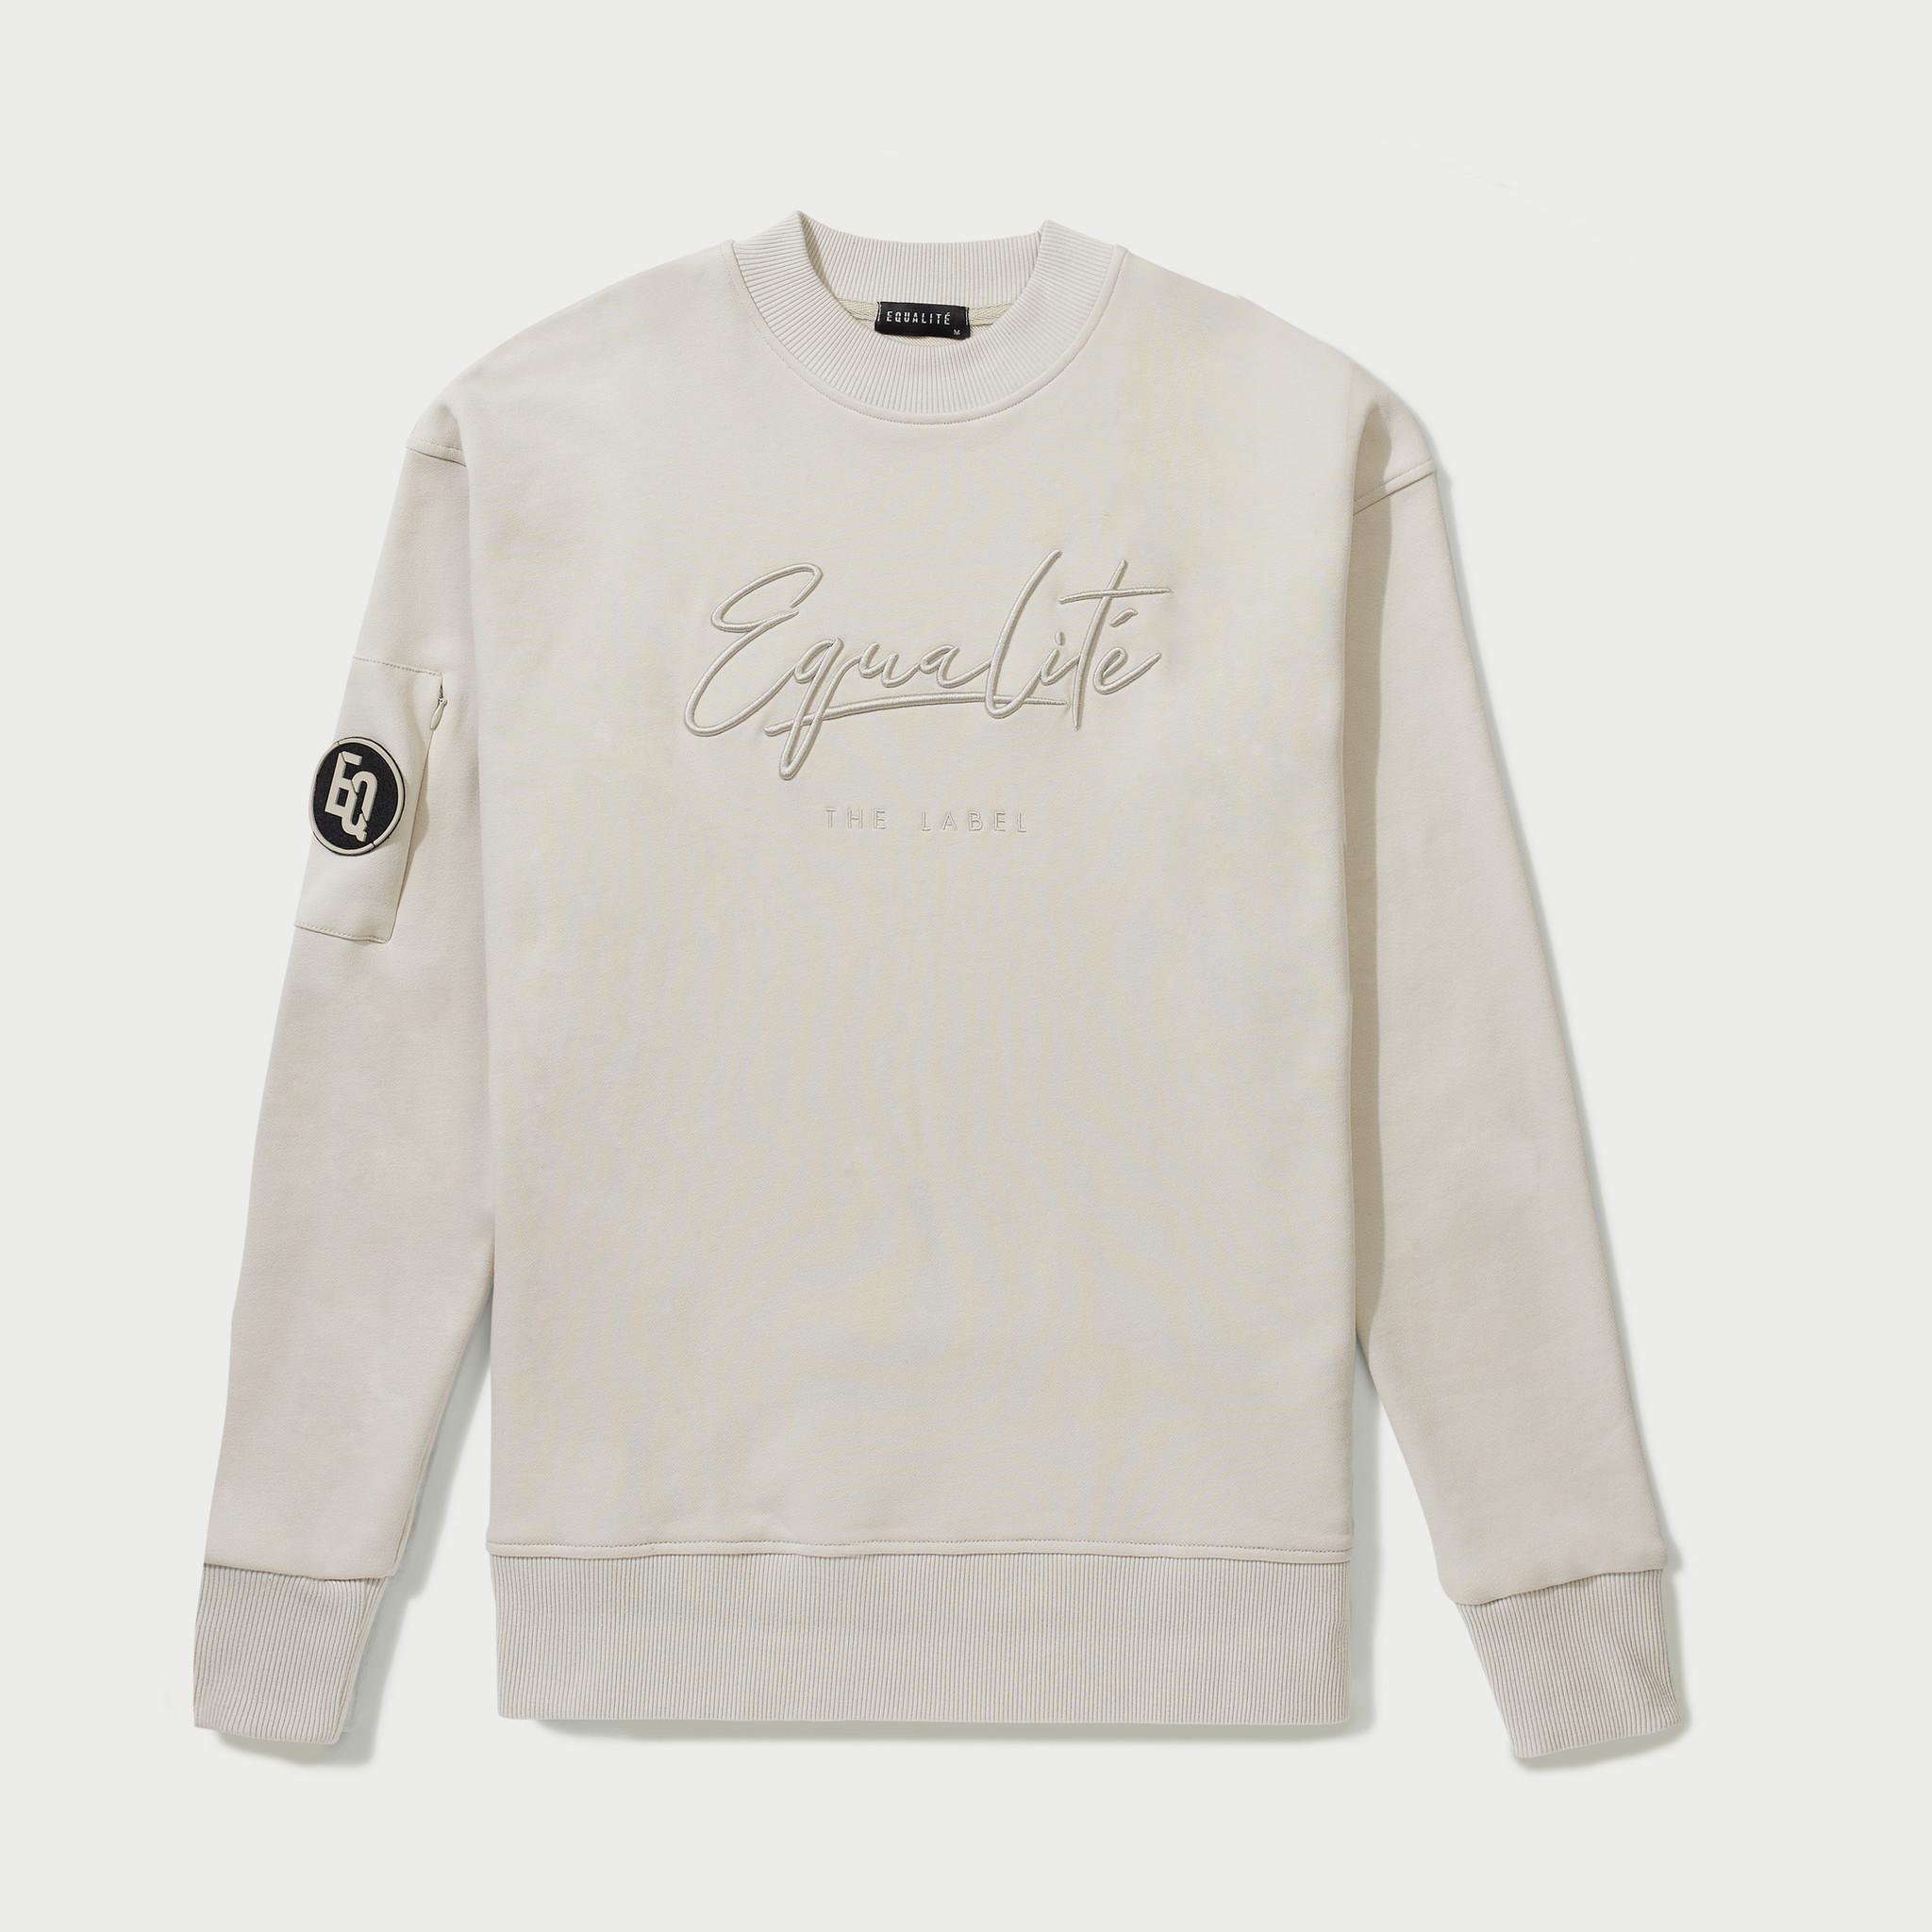 Wafi Signature Sweater Beige-1